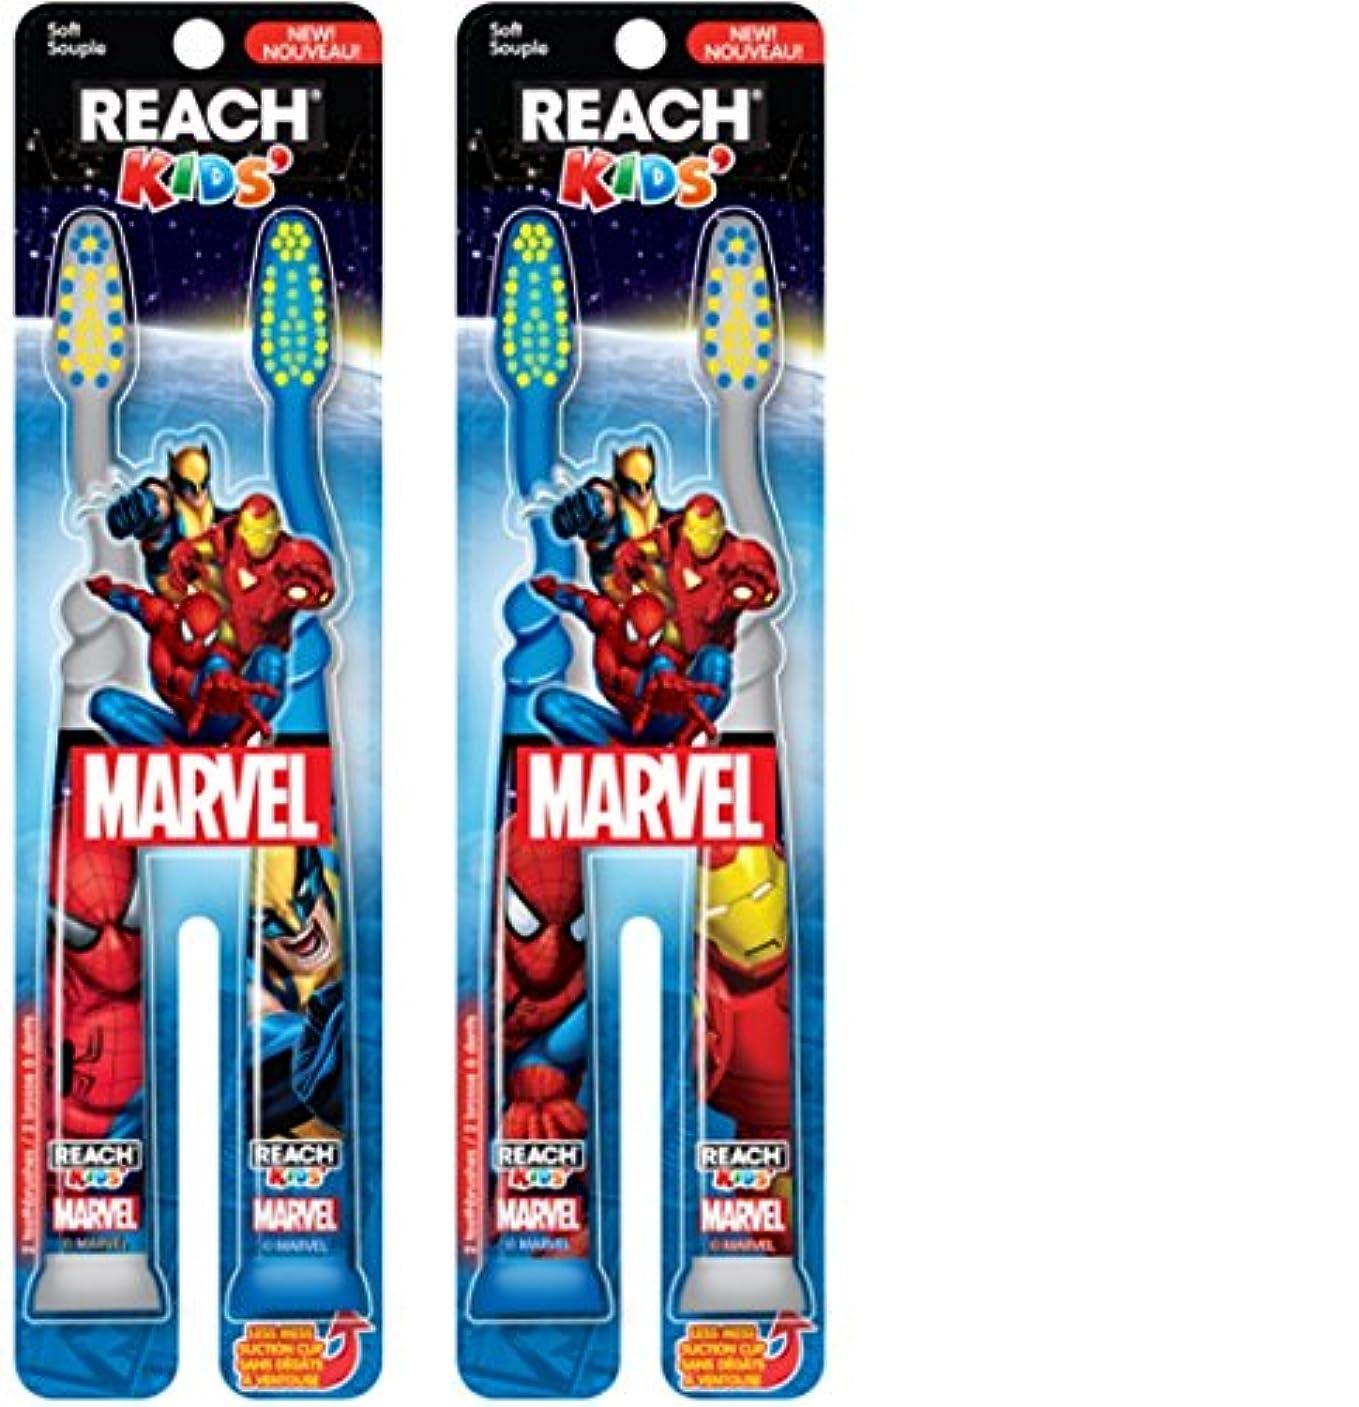 ありがたい複雑でない旧正月Reach Kids Mavel Soft Toothbrush, 2 Count by Reach